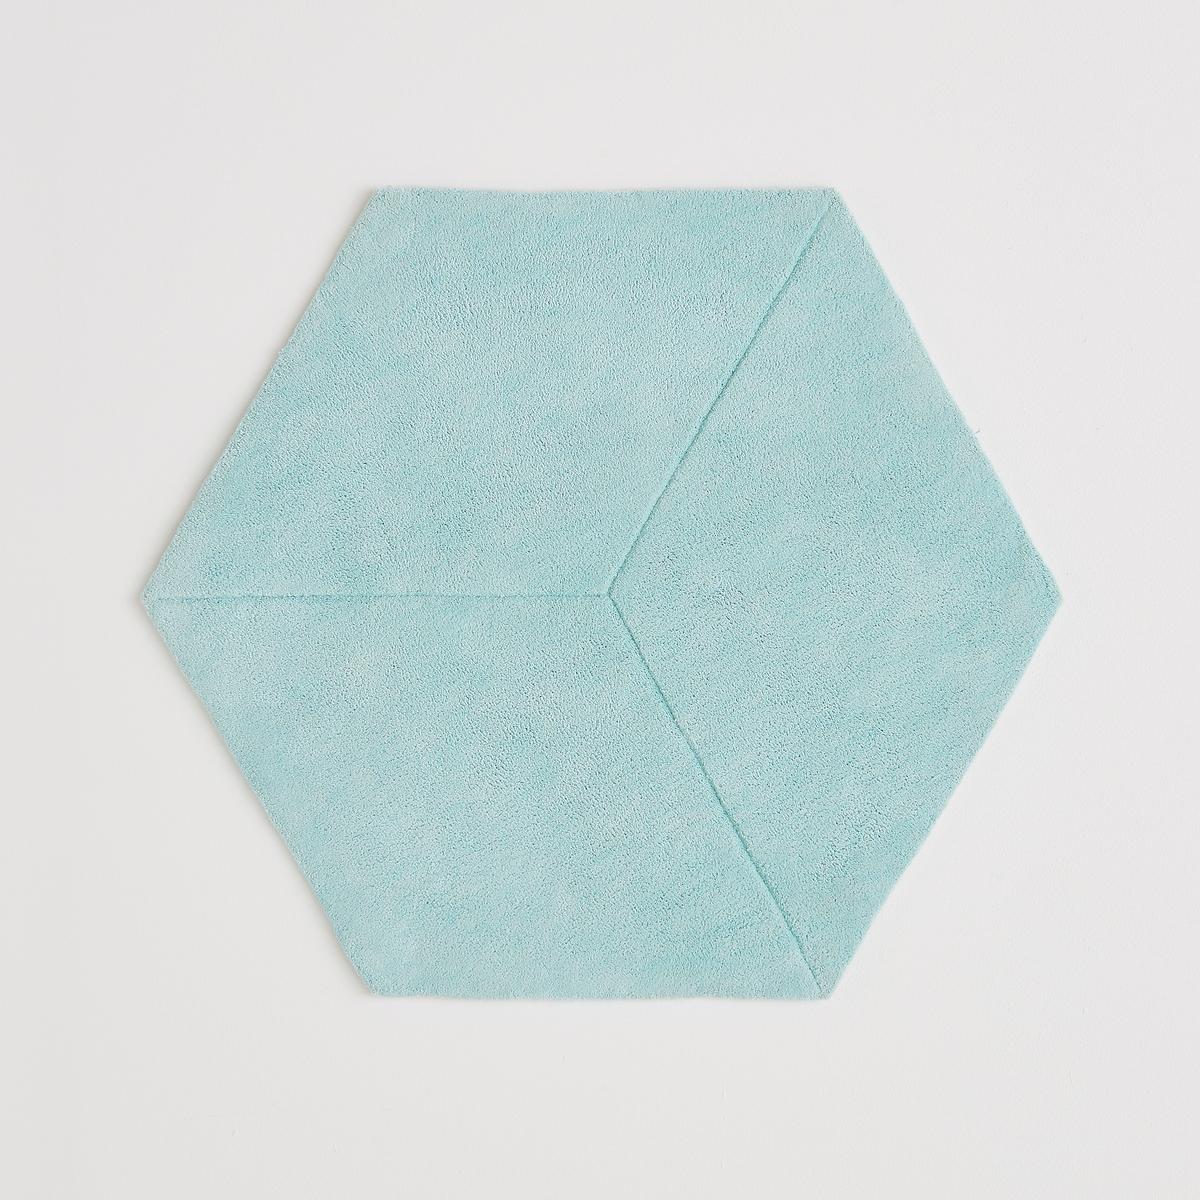 Ковер La Redoute Шестиугольный с эффектом D Camino хлопок единый размер зеленый